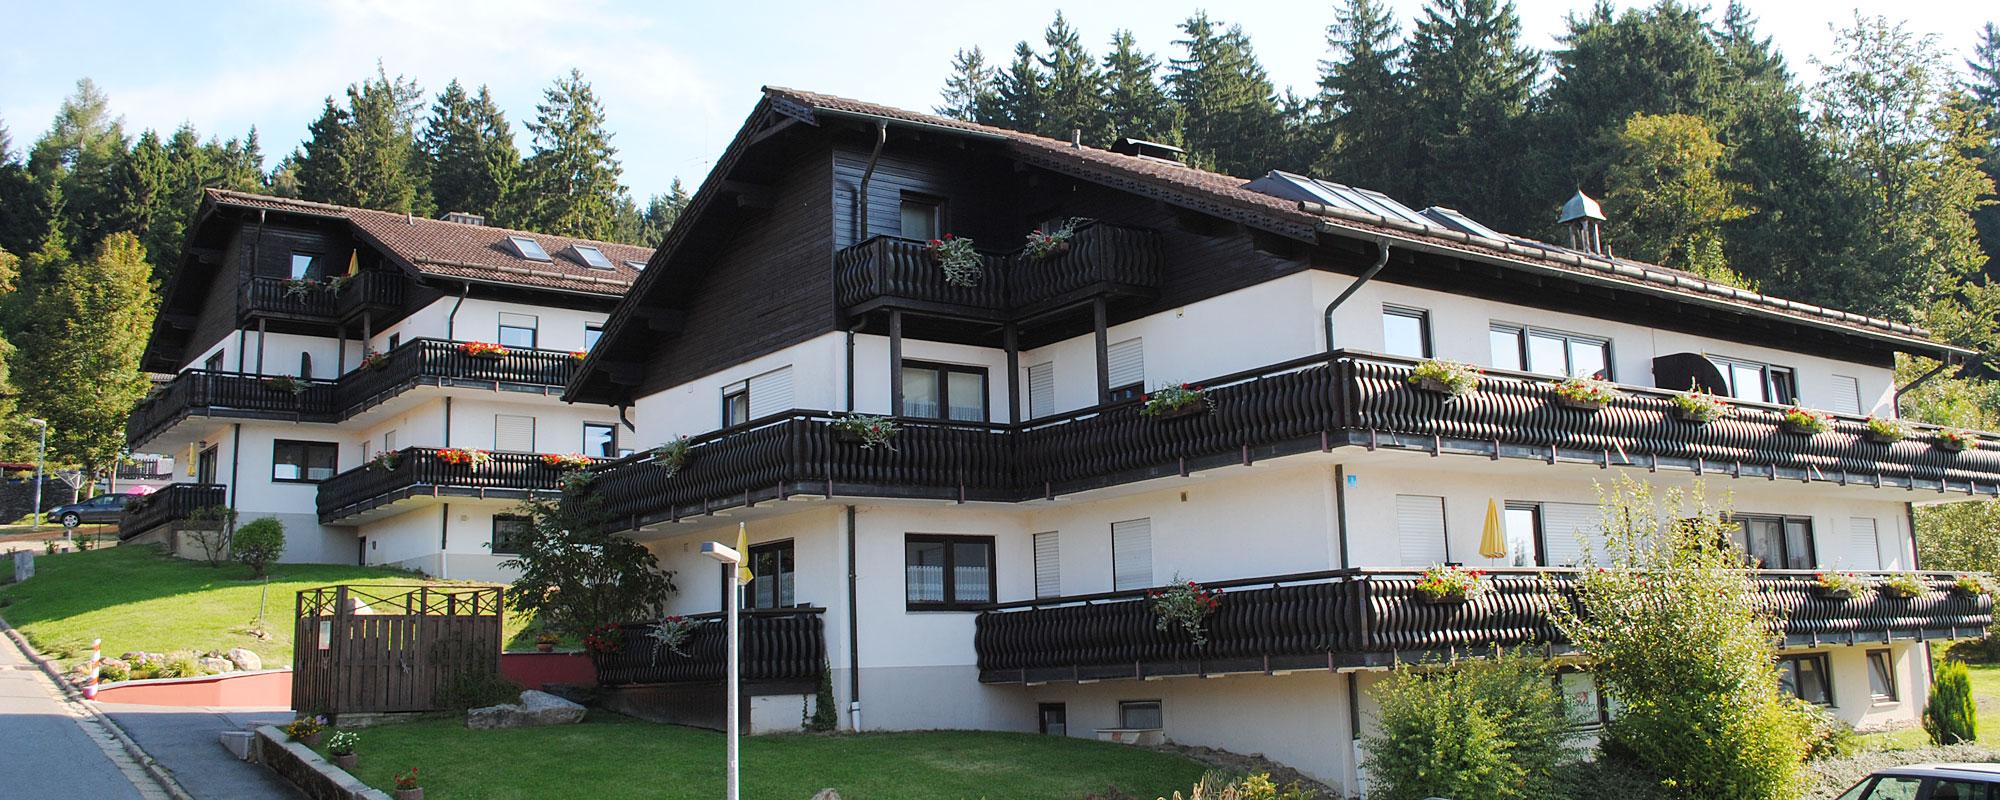 Ferienwohnungen - Dachstudios - Ferienhaus Sankt Englmar